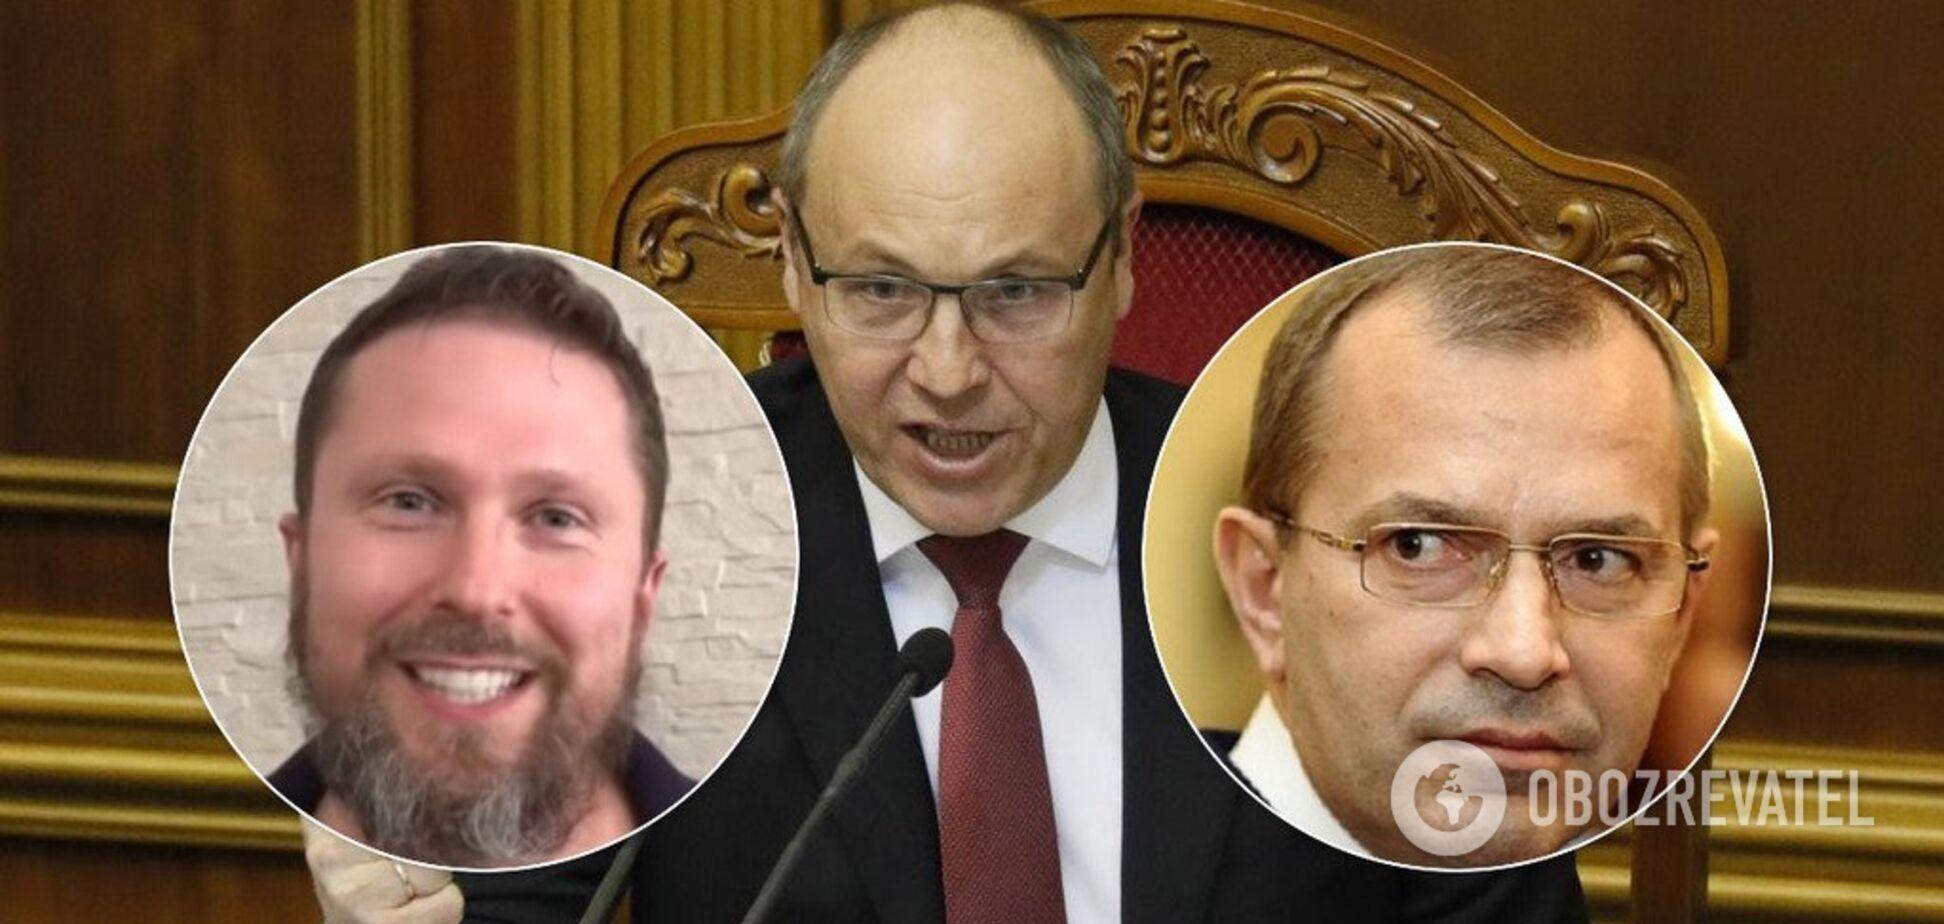 Скандал з Клюєвим та Шаріем: у Раді гнівно звернулися до ГПУ і СБУ